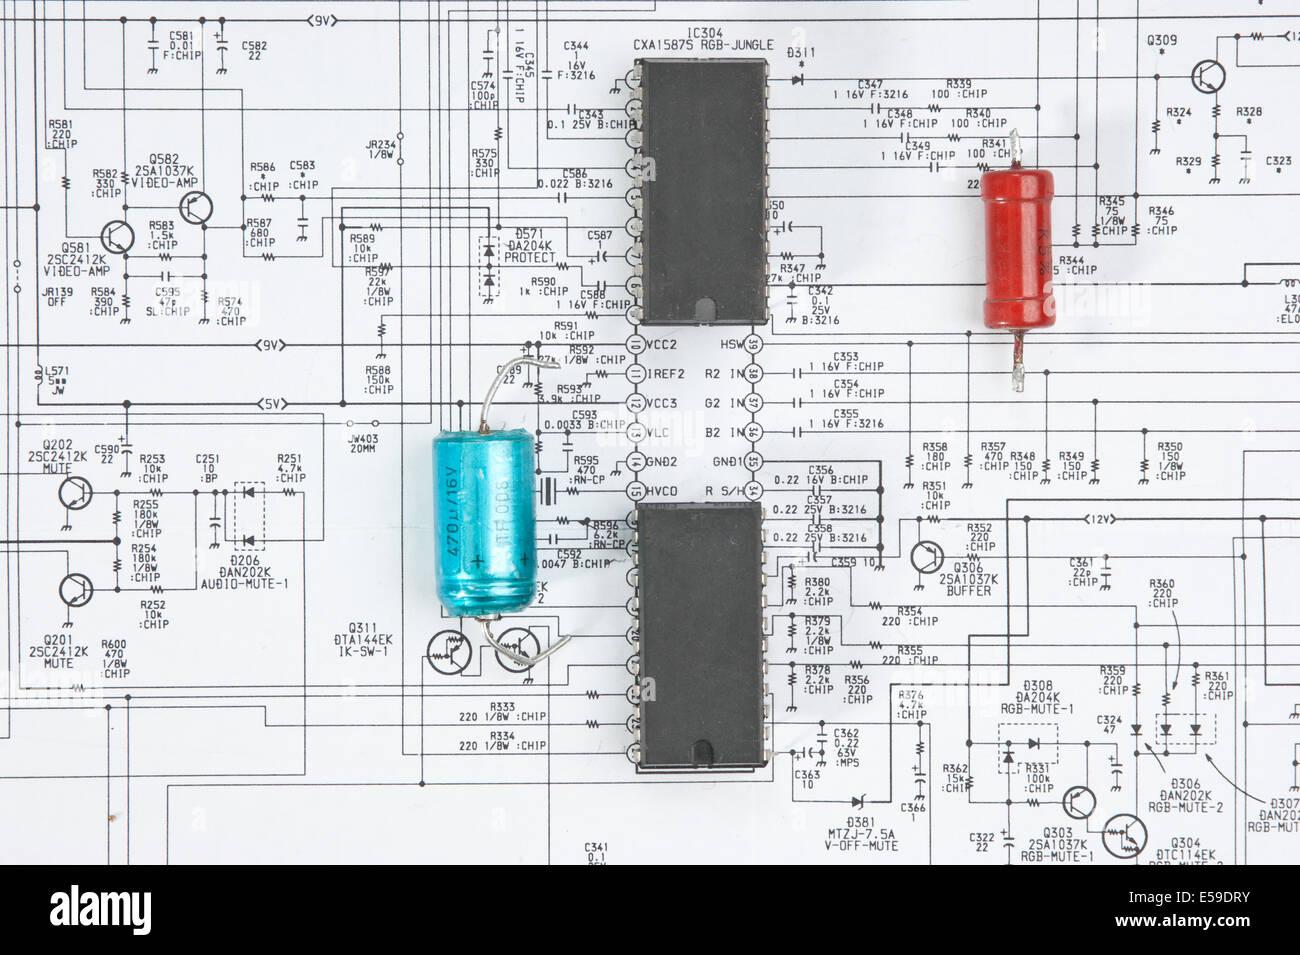 Schema Di Cablaggio : Chip di silicio sullo schema di cablaggio foto immagine stock